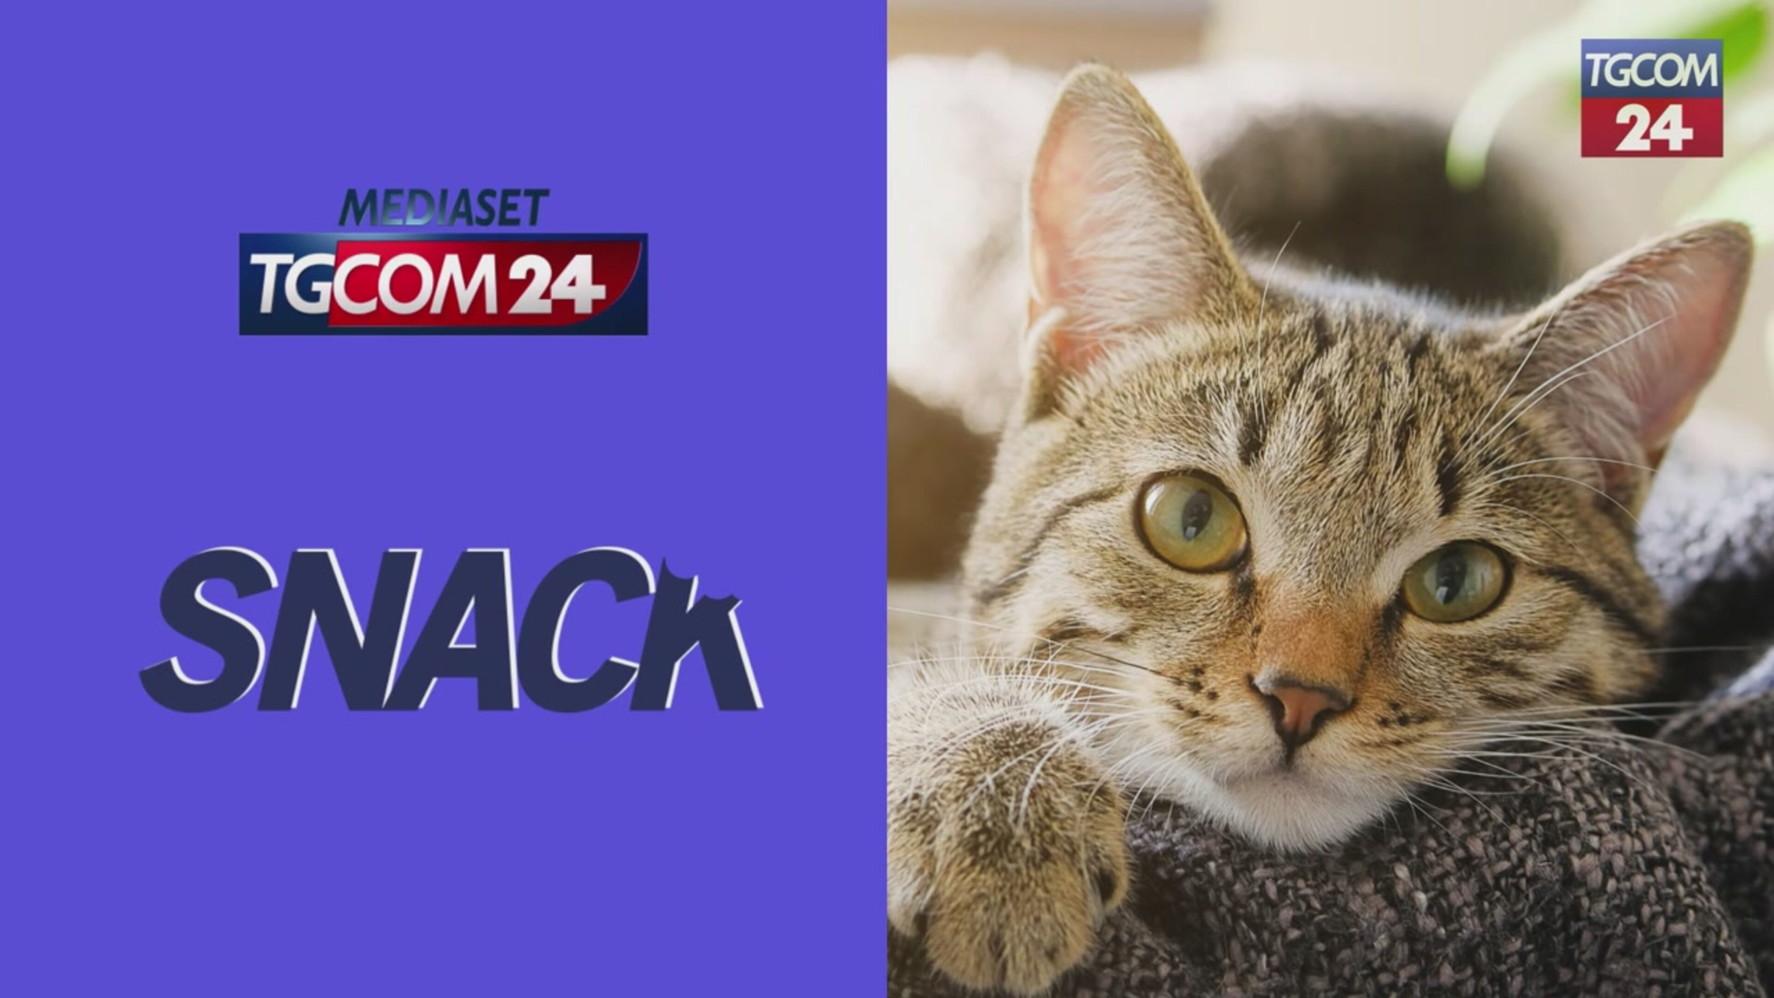 giornata-nazionale-del-gatto,-ecco-i-felini-piu-famosi